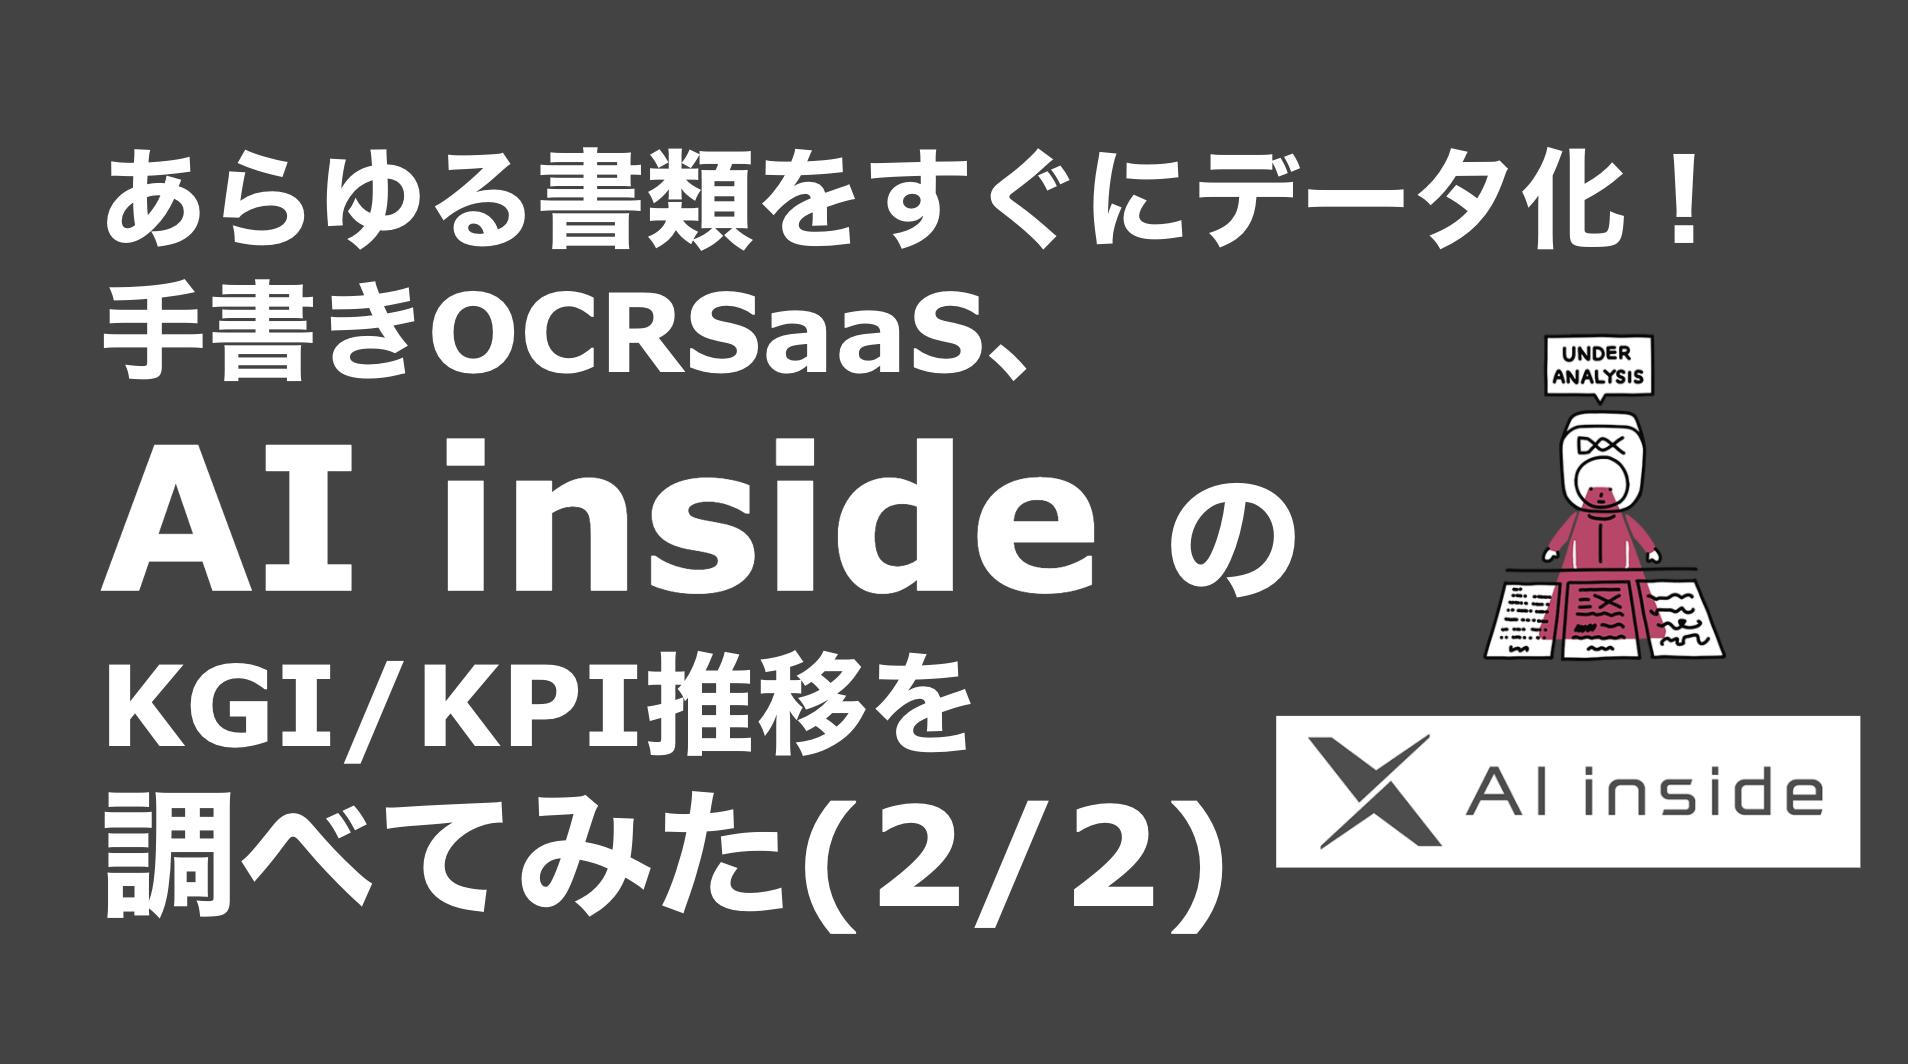 saaslife_あらゆる書類をすぐにデータ化!手書きOCRSaaS、AI inside のKGI/KPI推移を調べてみた(2/2)